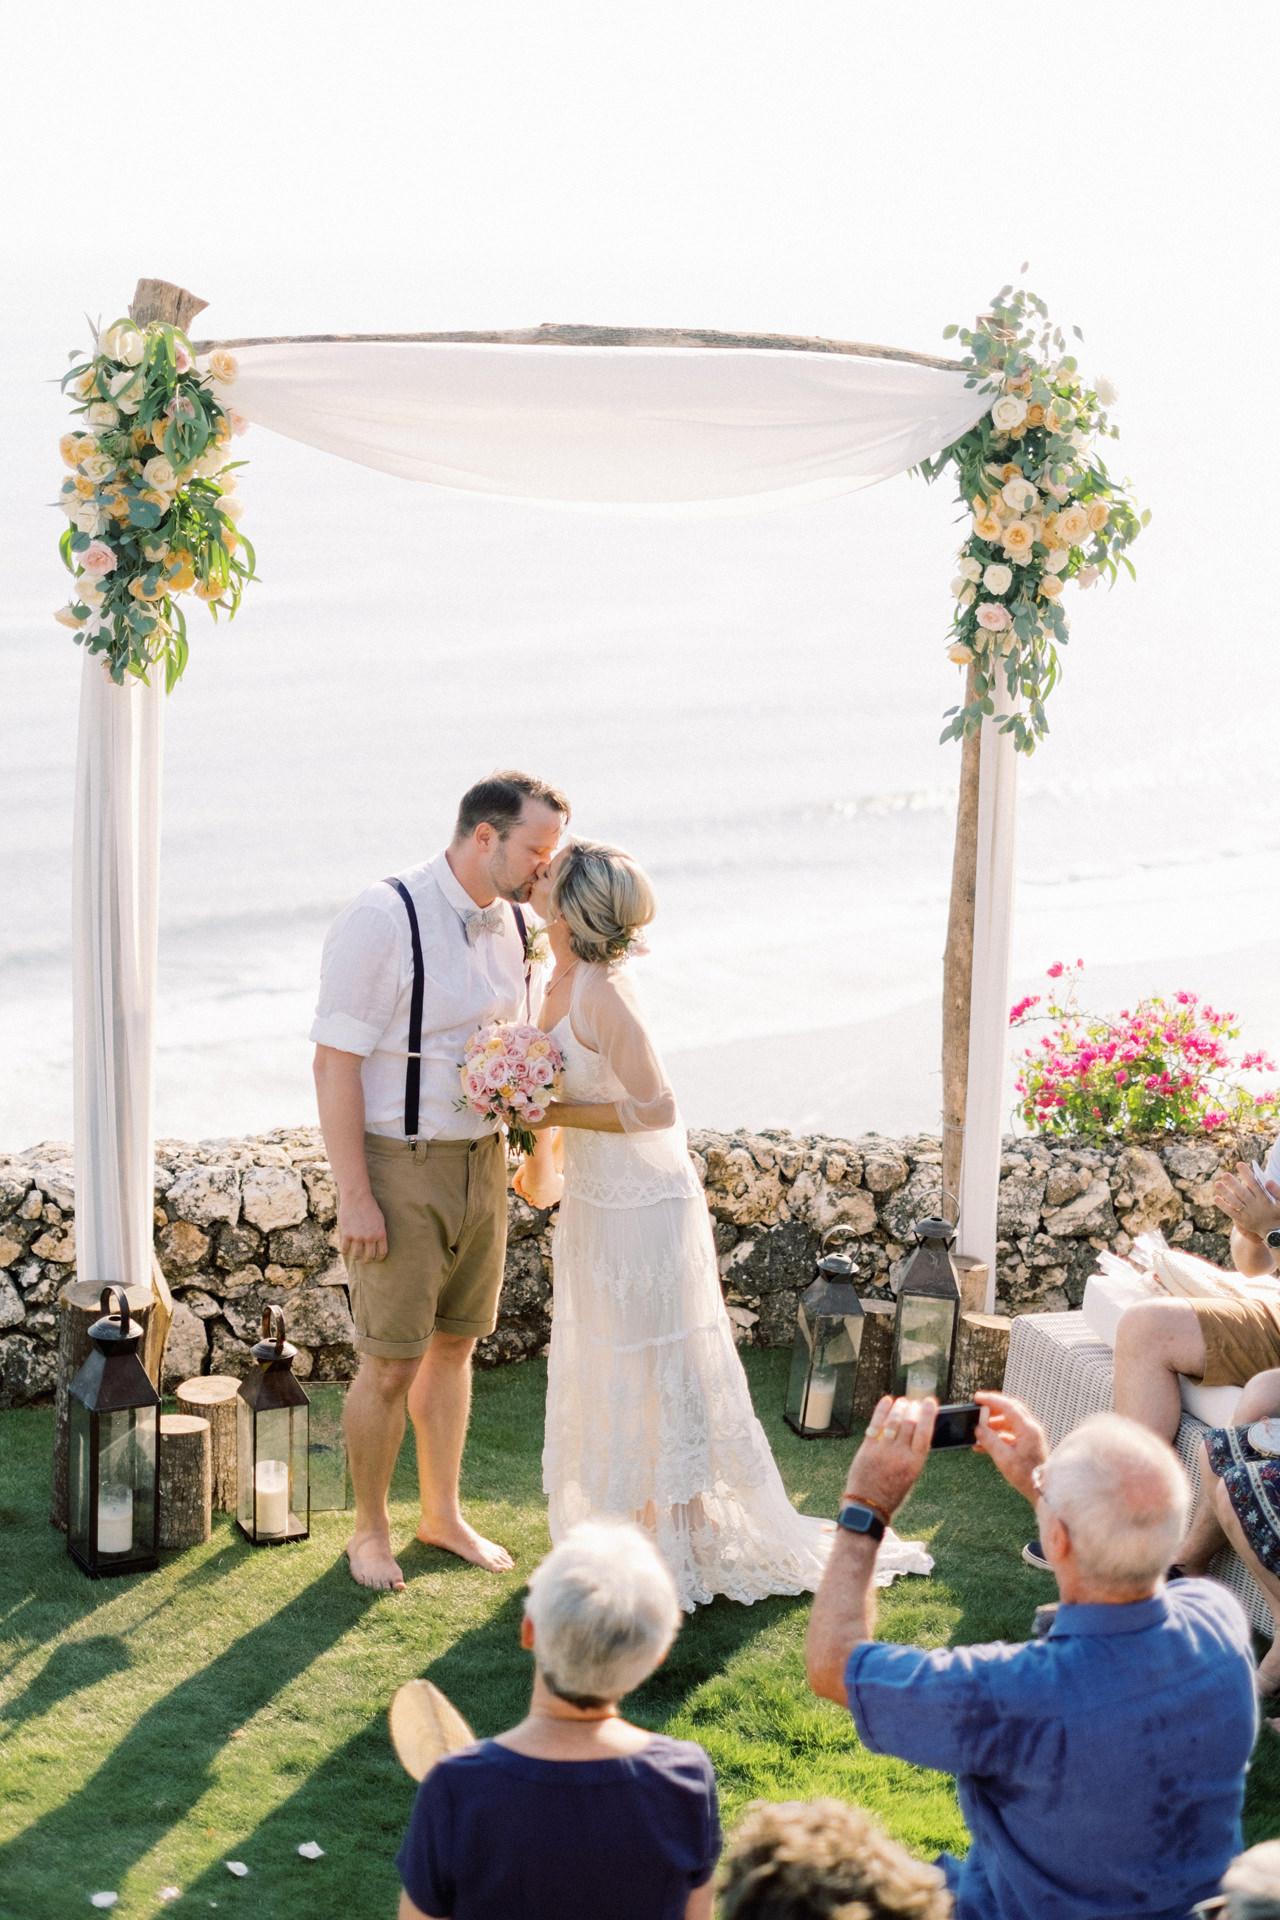 Sol y Mar - Bali Cliff-top Wedding 27